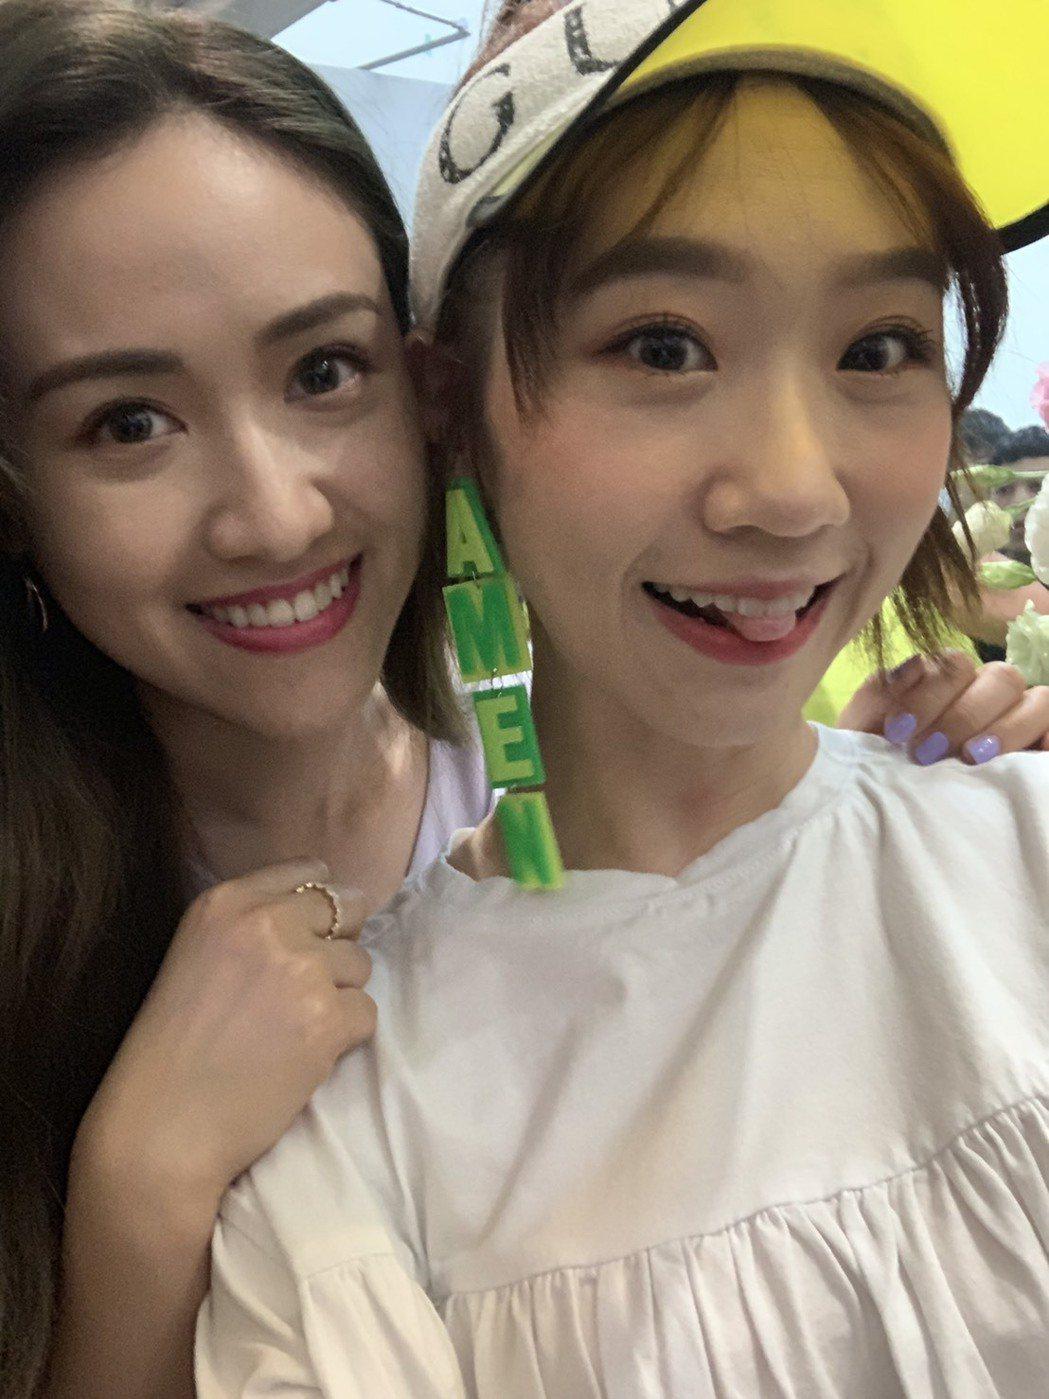 吳姍儒(左)和Lulu同齡,私下也是好友。圖/Lulu提供